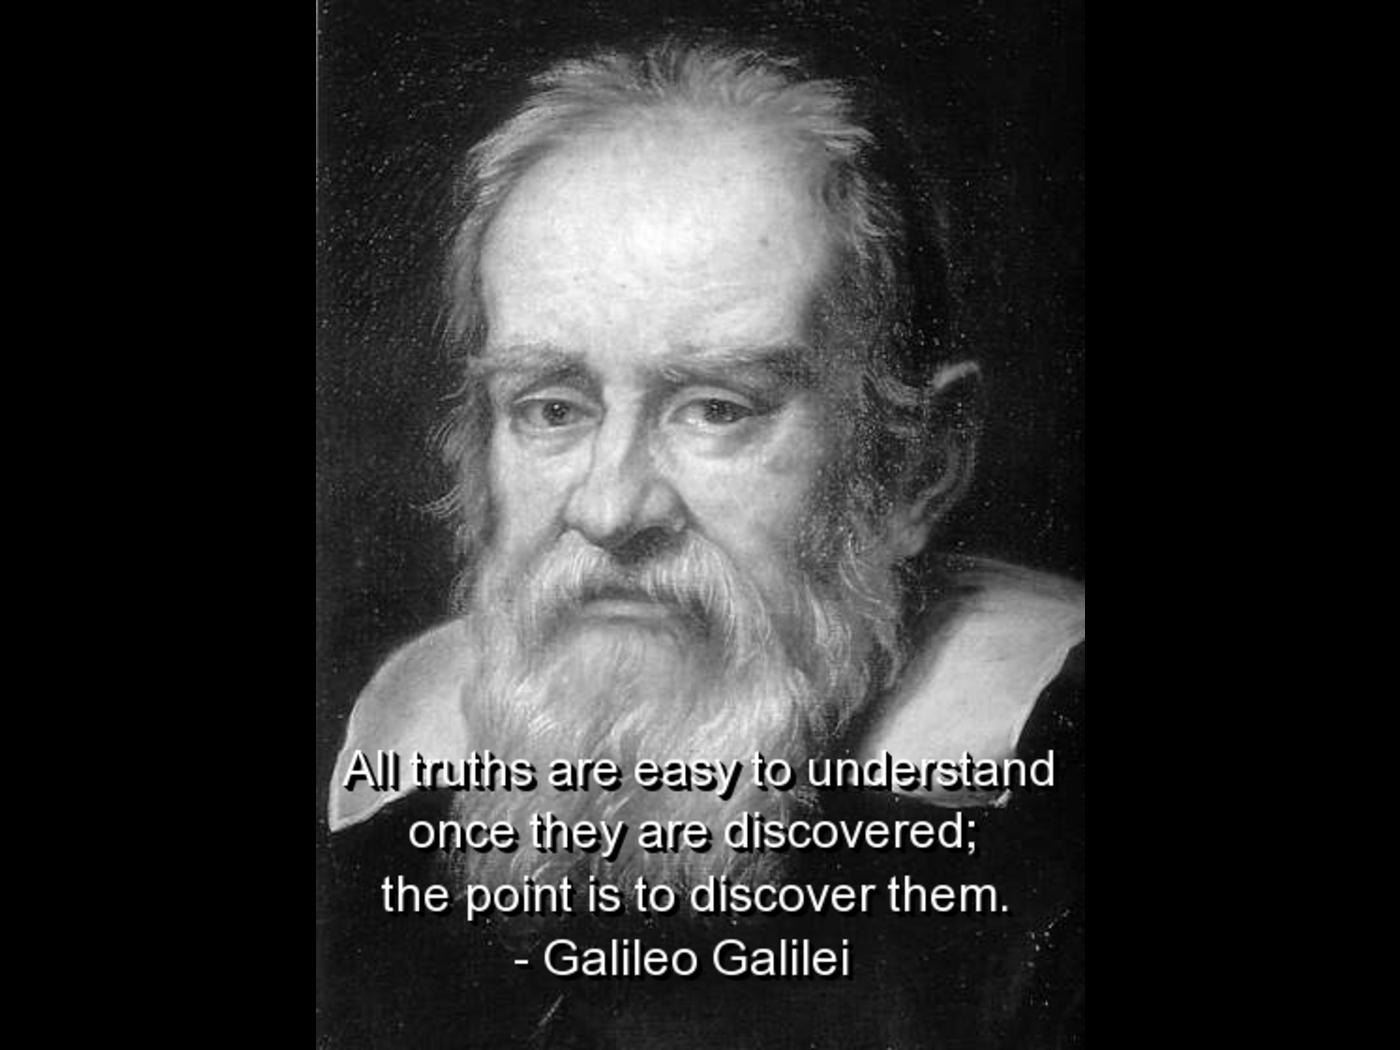 Galileo Galilei Passion Quotes. QuotesGram